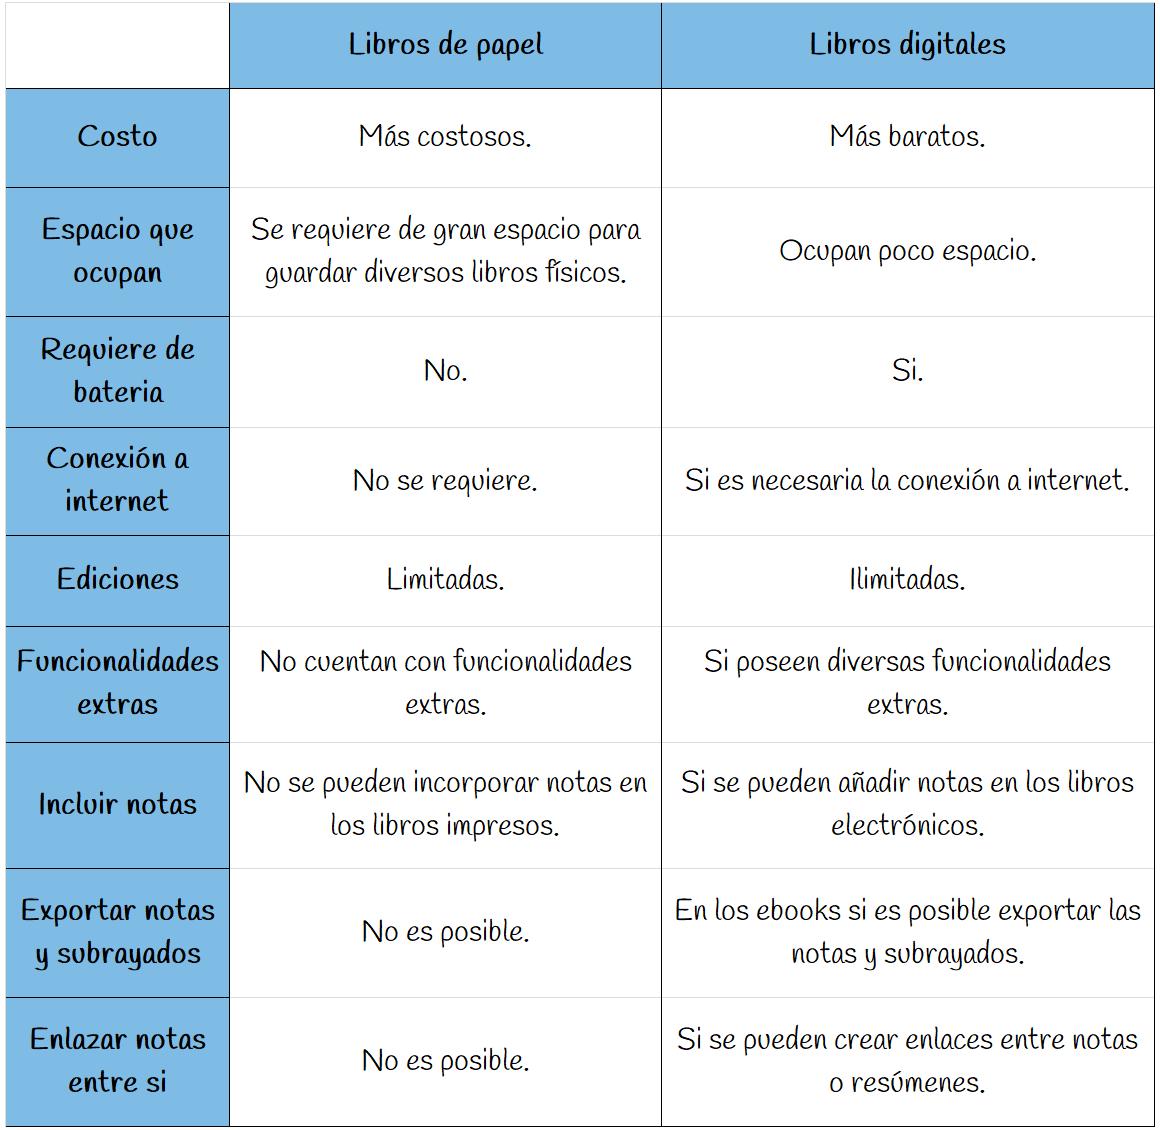 Diferencias libros impresos vs digitales